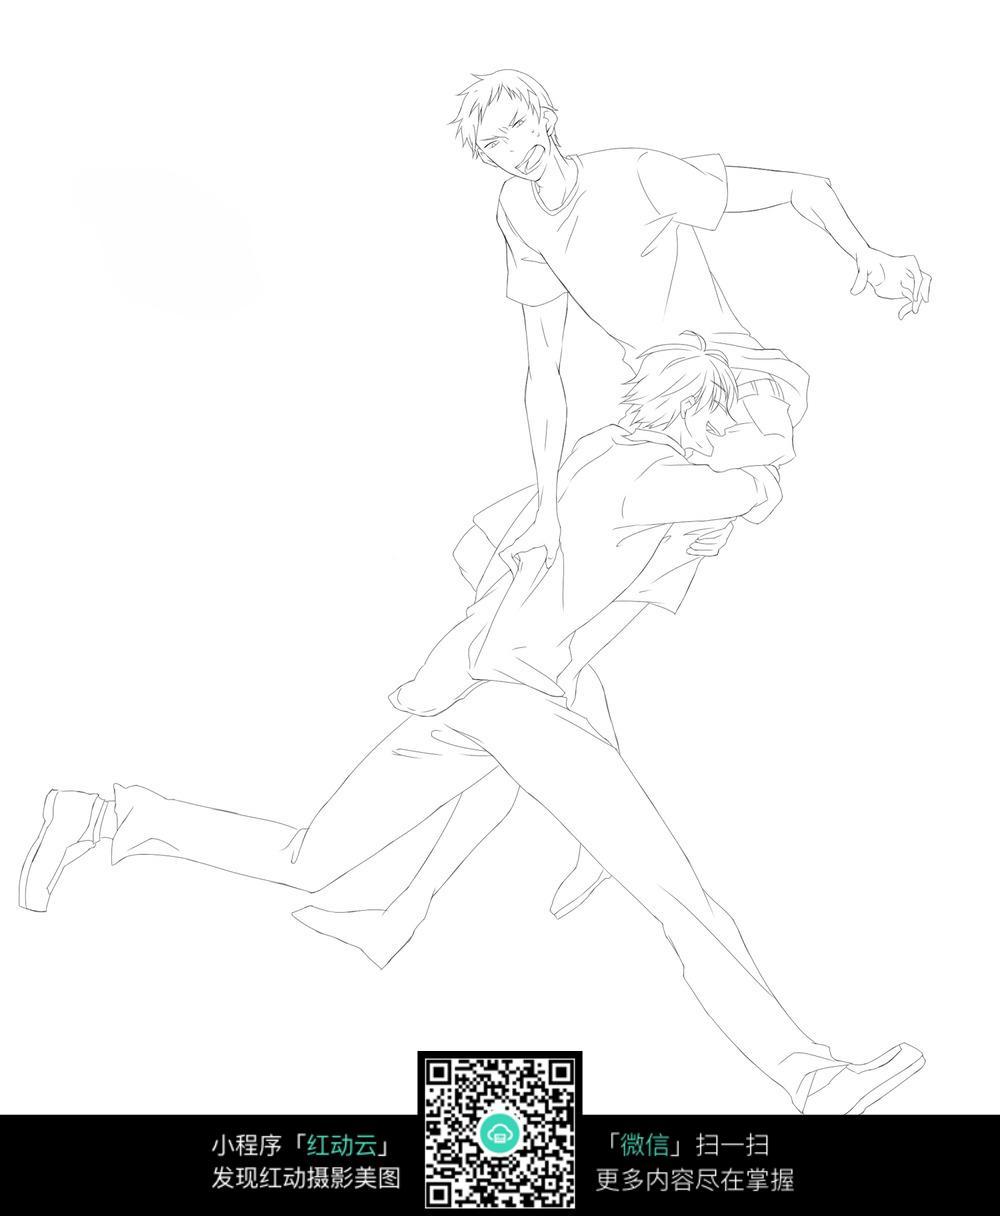 卡通男孩打斗线描_人物卡通图片